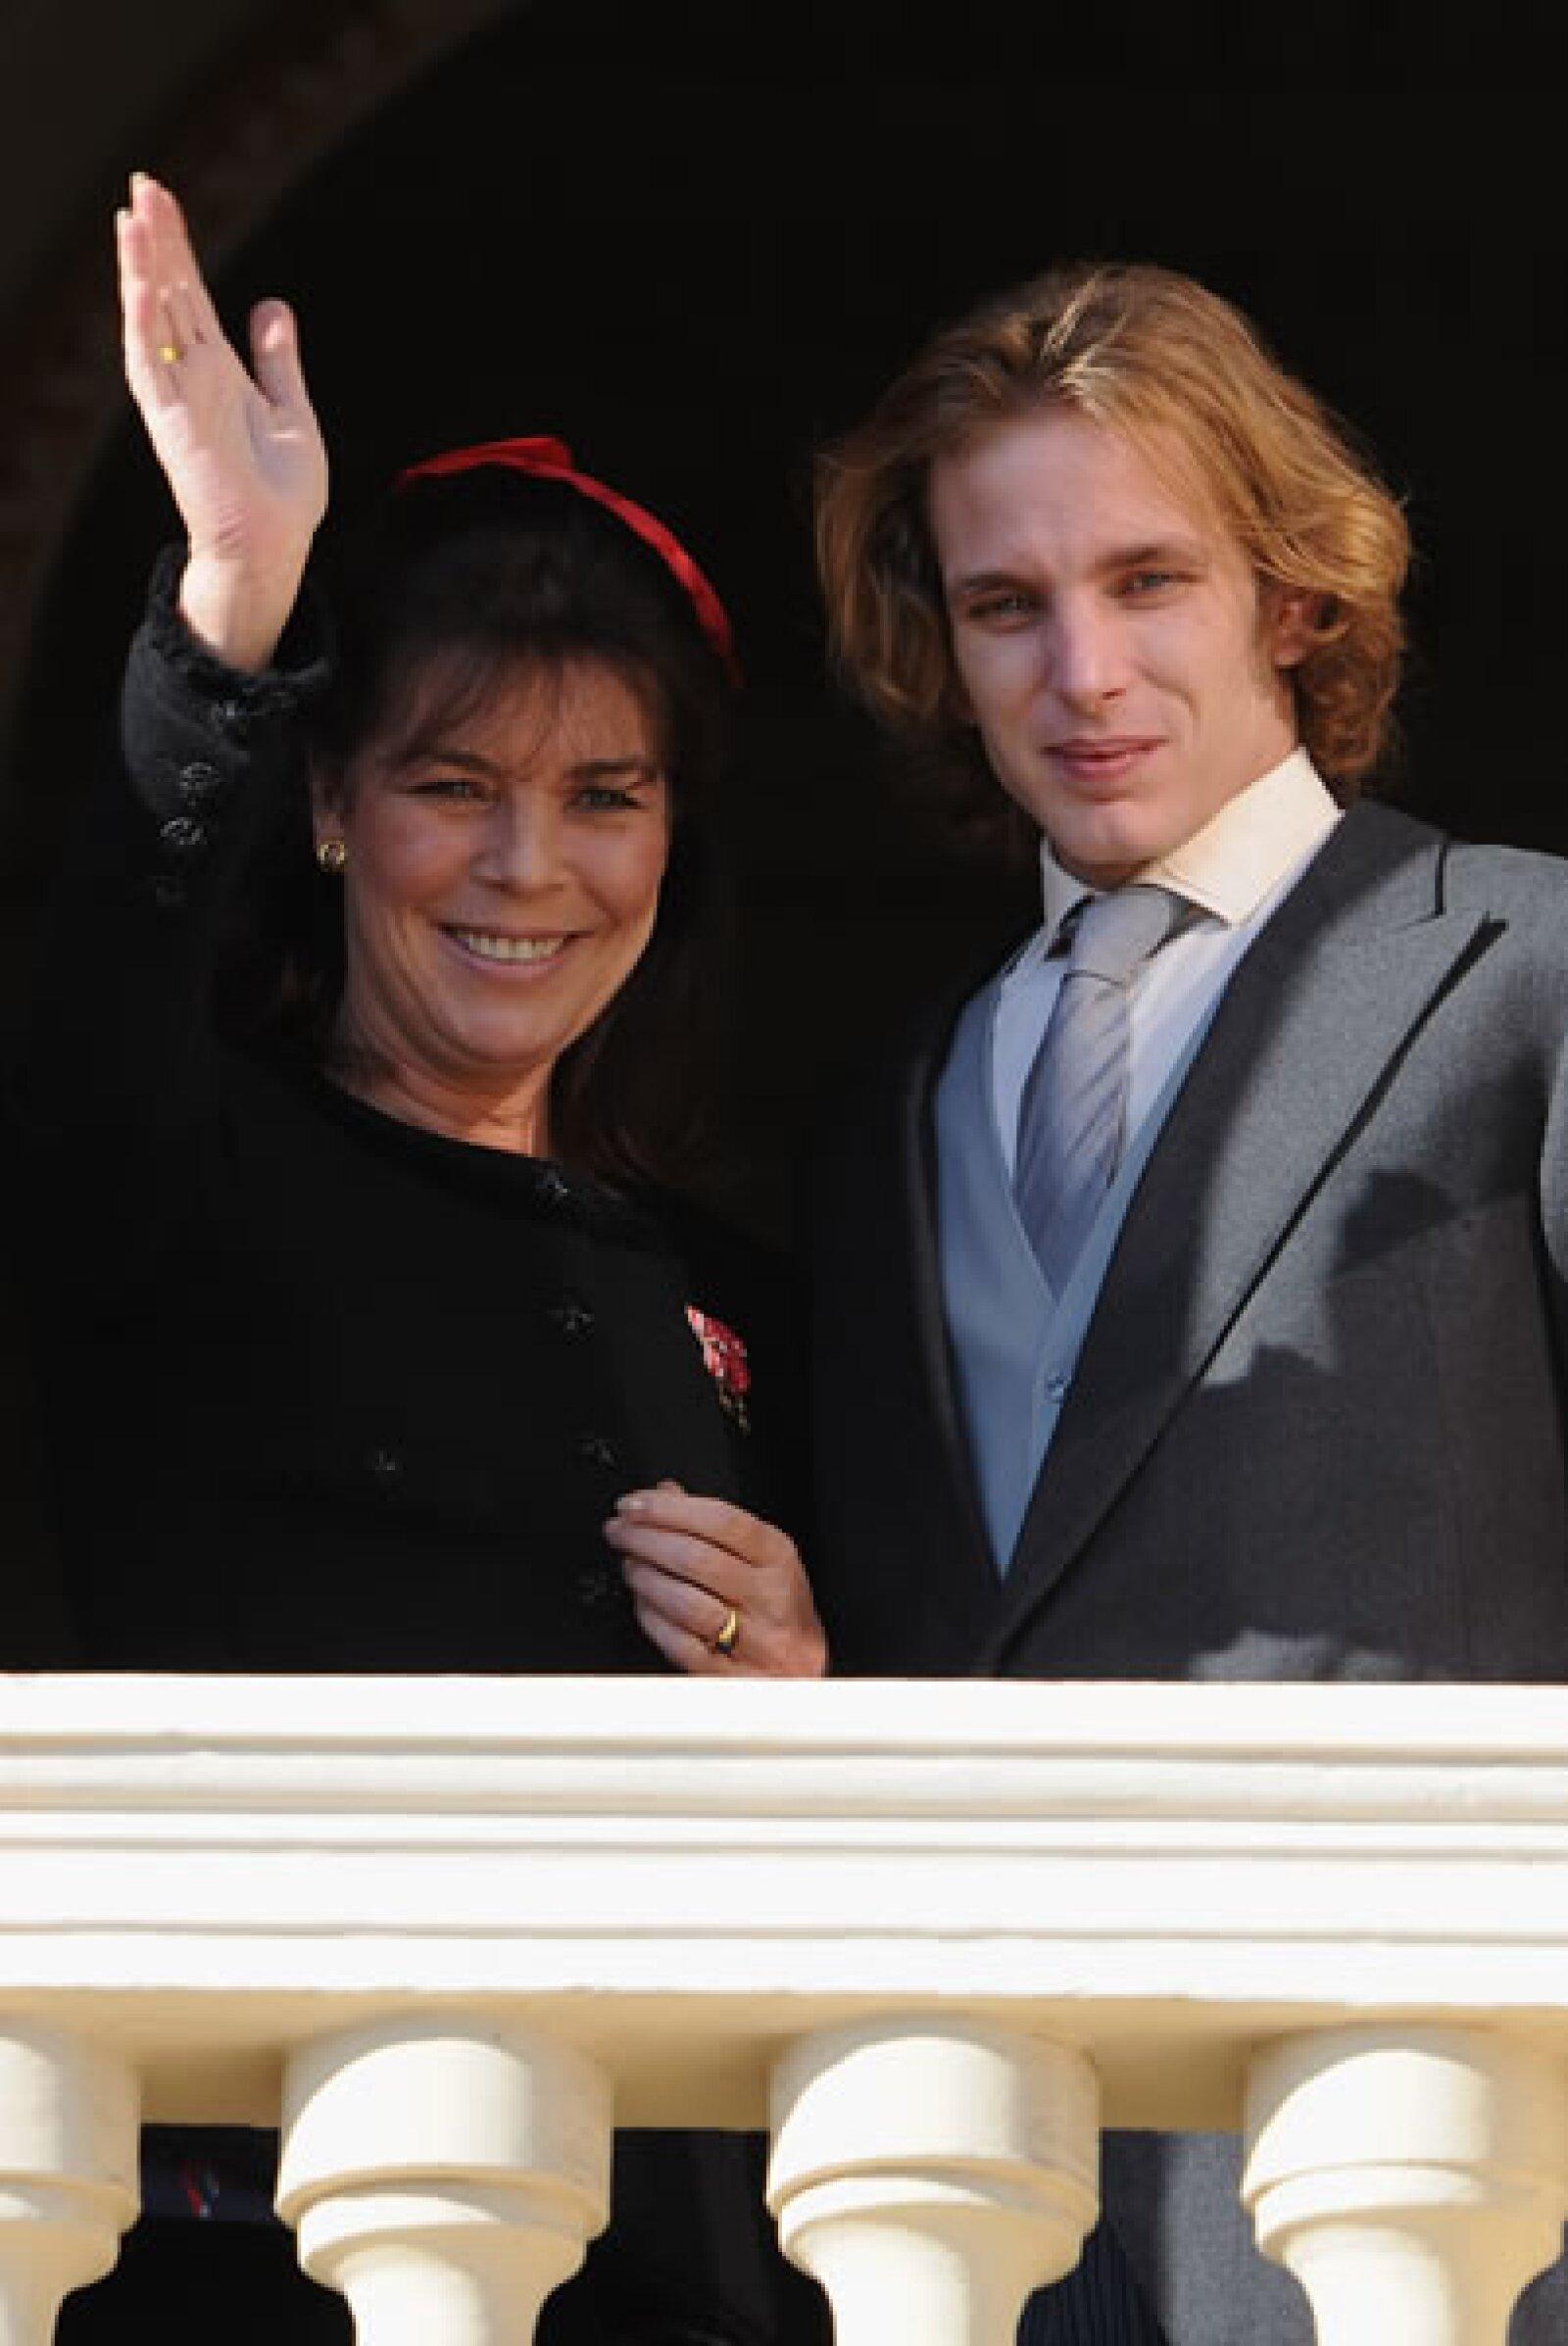 Aunque se parece mucho a su madre, la Princesa Carolina de Mónaco, se puede ver que es aún más parecido a su padre, Stefano.